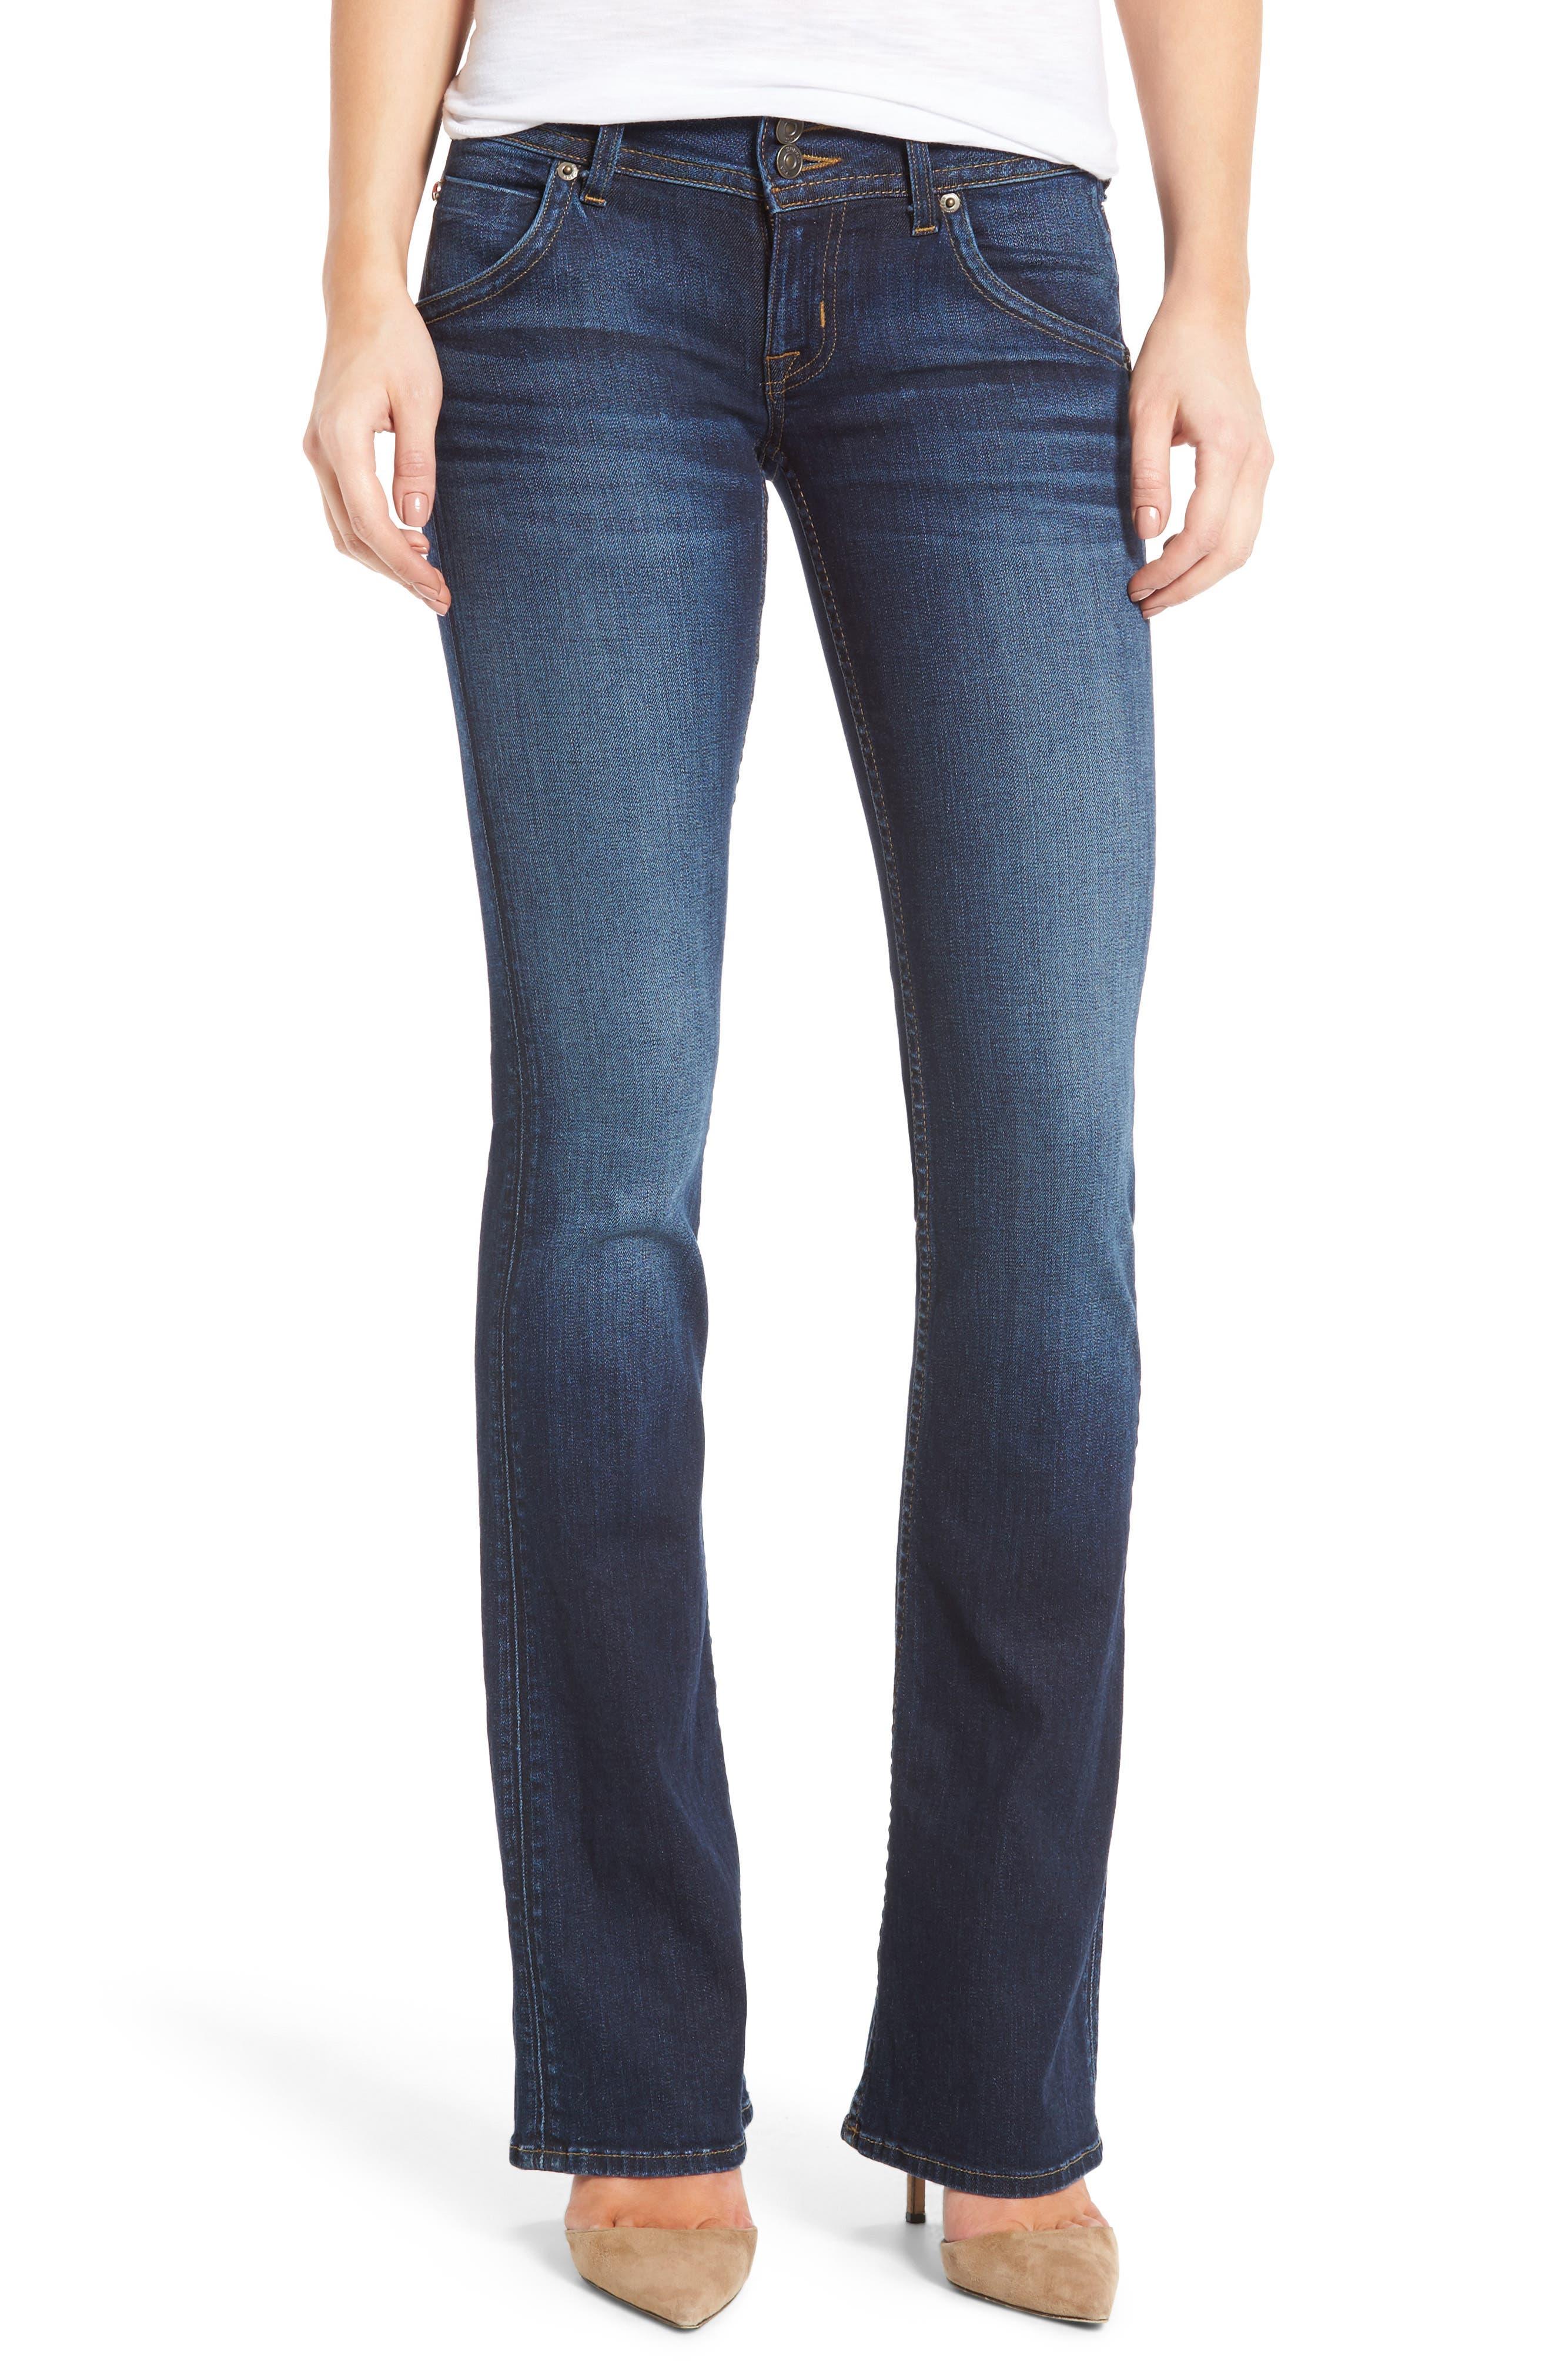 Signature Petite Bootcut Jeans,                             Main thumbnail 1, color,                             PATROL UNIT